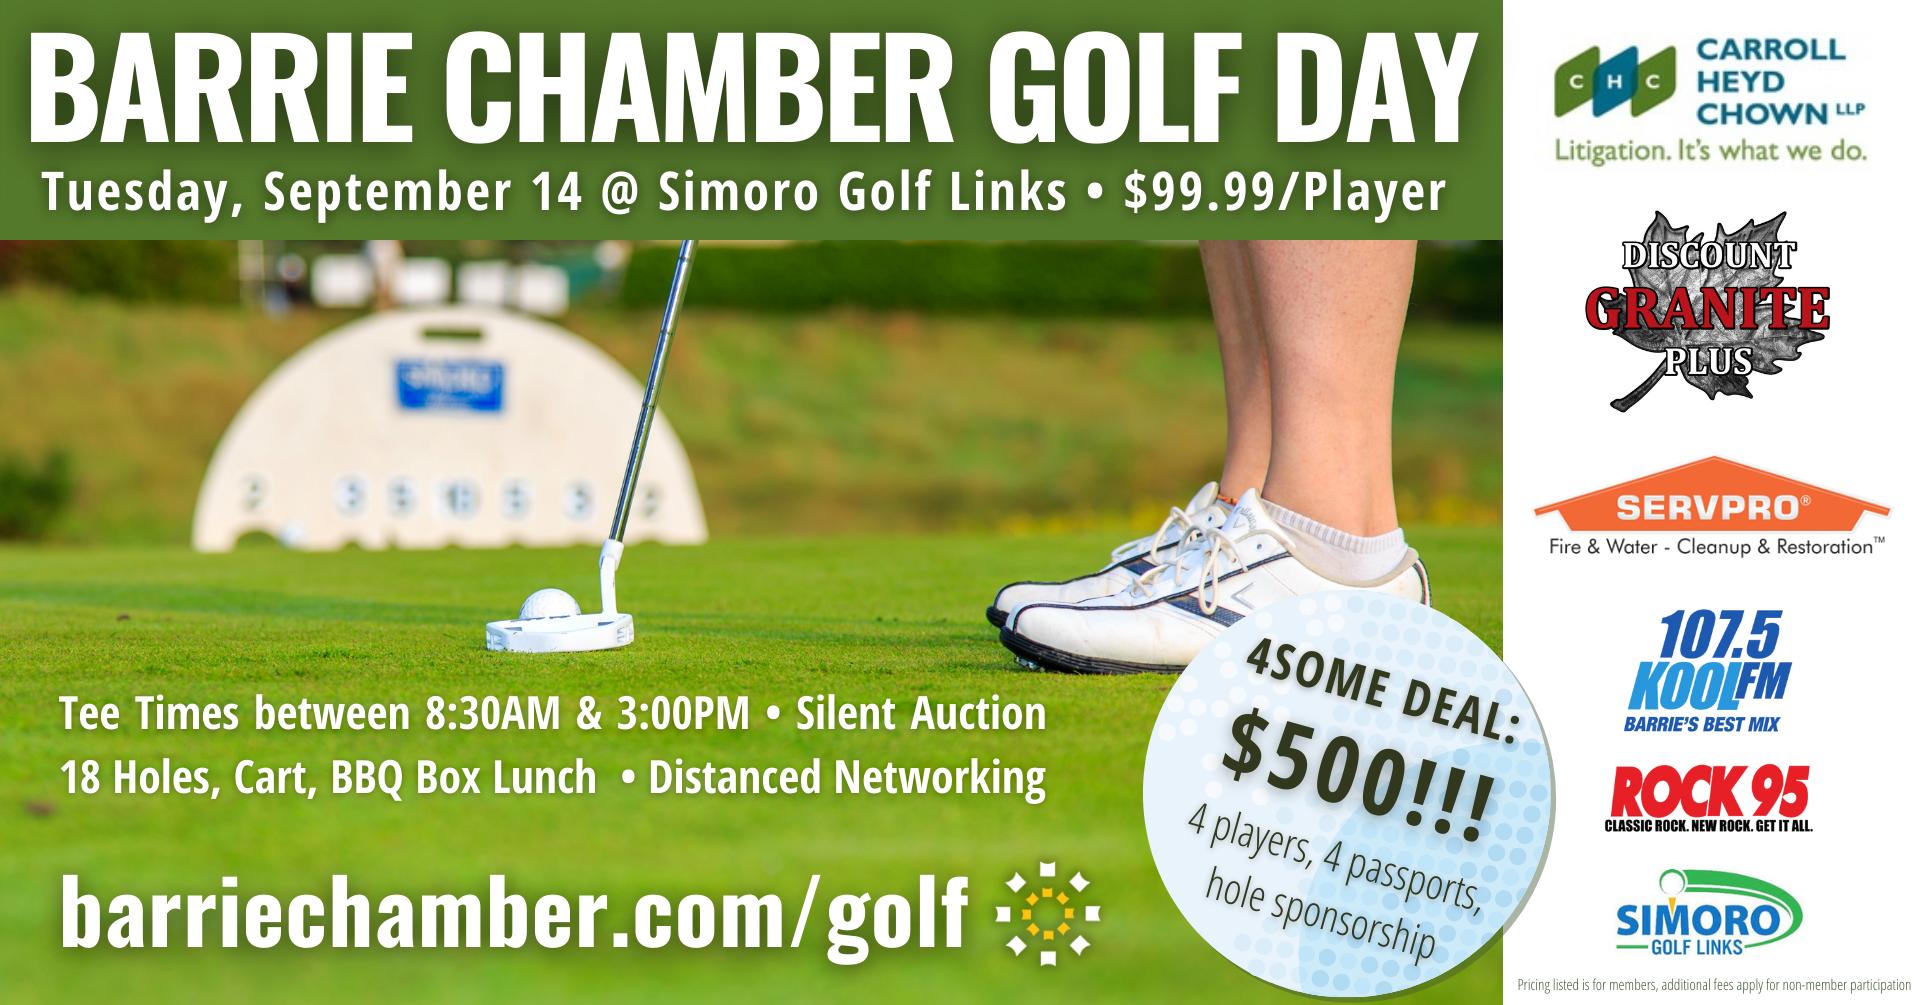 Golf Day - September 14, 2021 - Simoro Golf Links - $99.99/player